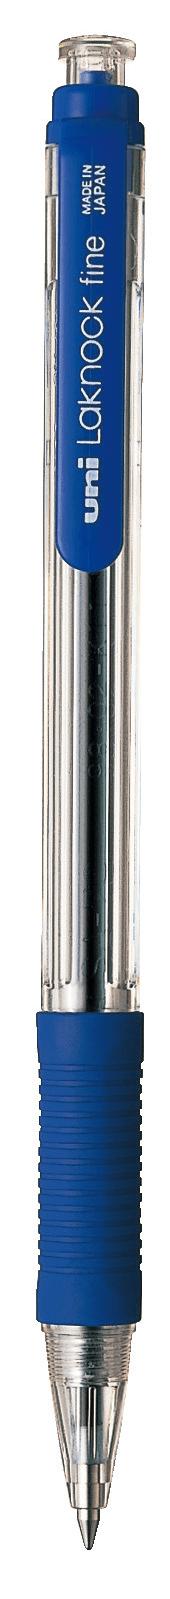 ปากกาลูกลื่น uni Laknock Fine SN-101 สีน้ำเงิน 0.7 มม.